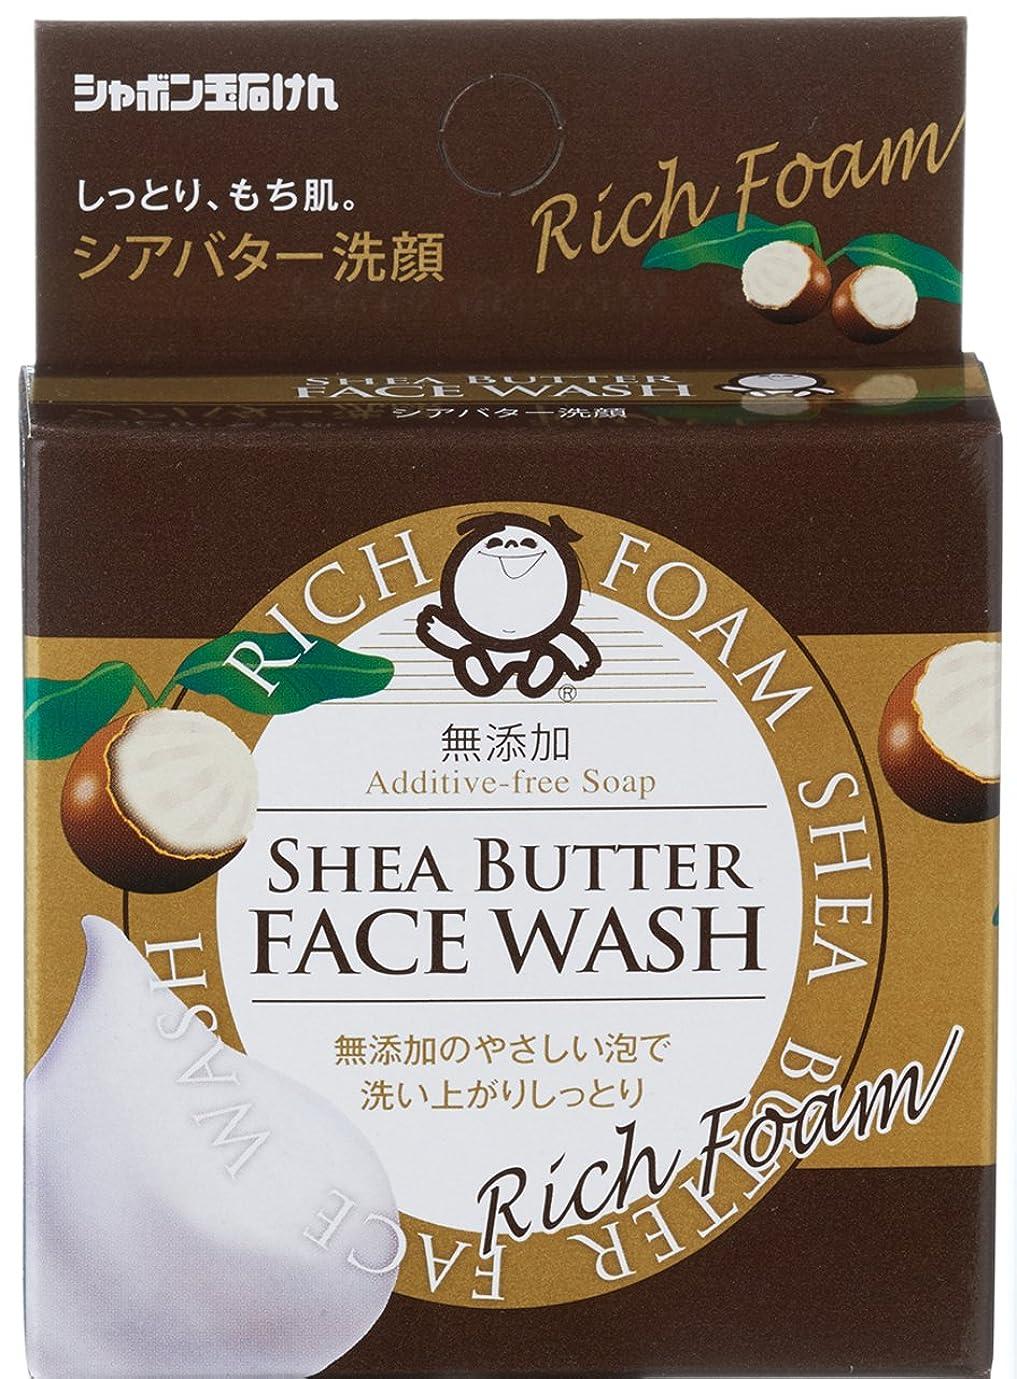 呼びかける適度に宇宙のシャボン玉 シアバター洗顔 60g